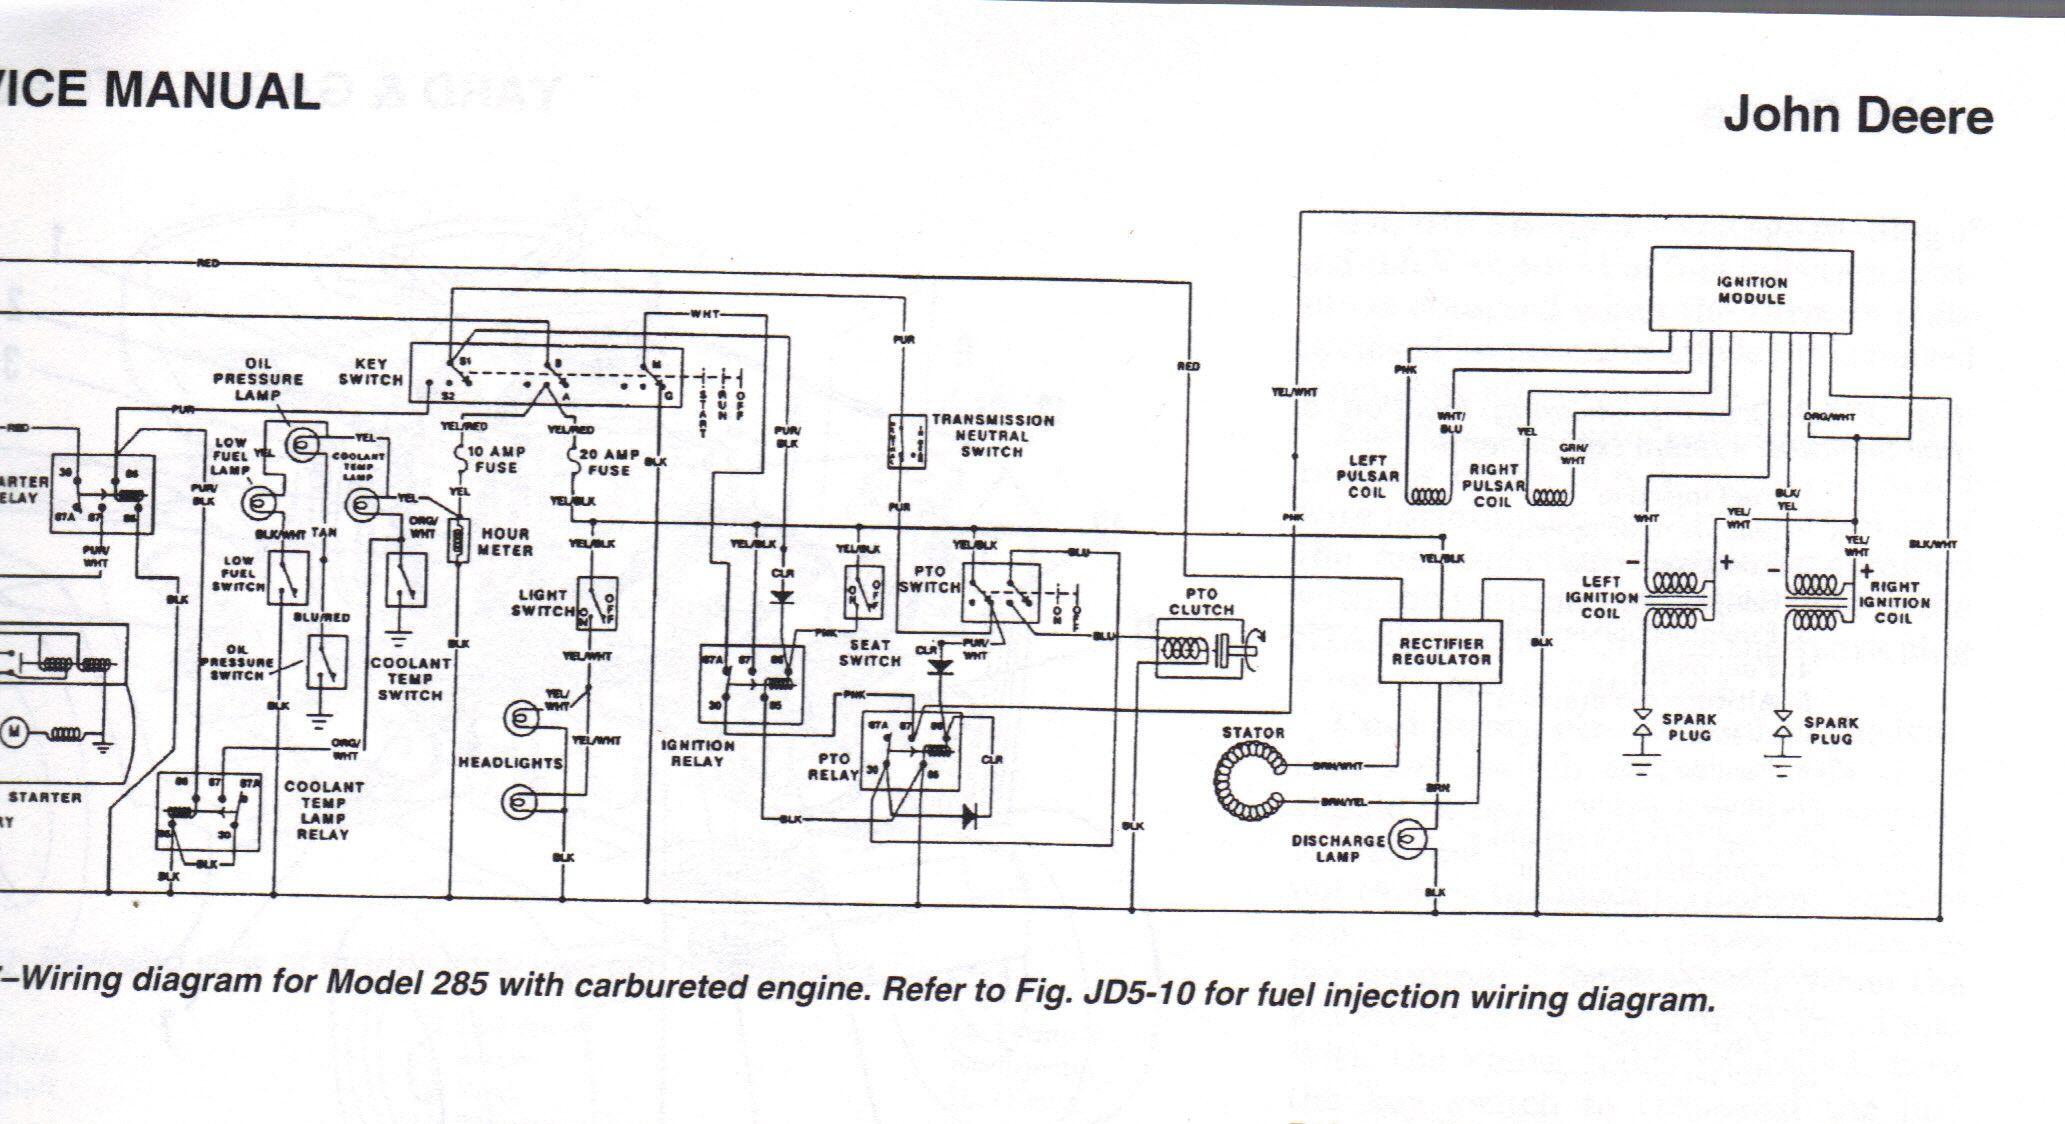 john deere wiring diagram to service manual for model 285 with rhjohn deere wiring diagram to [ 2065 x 1124 Pixel ]